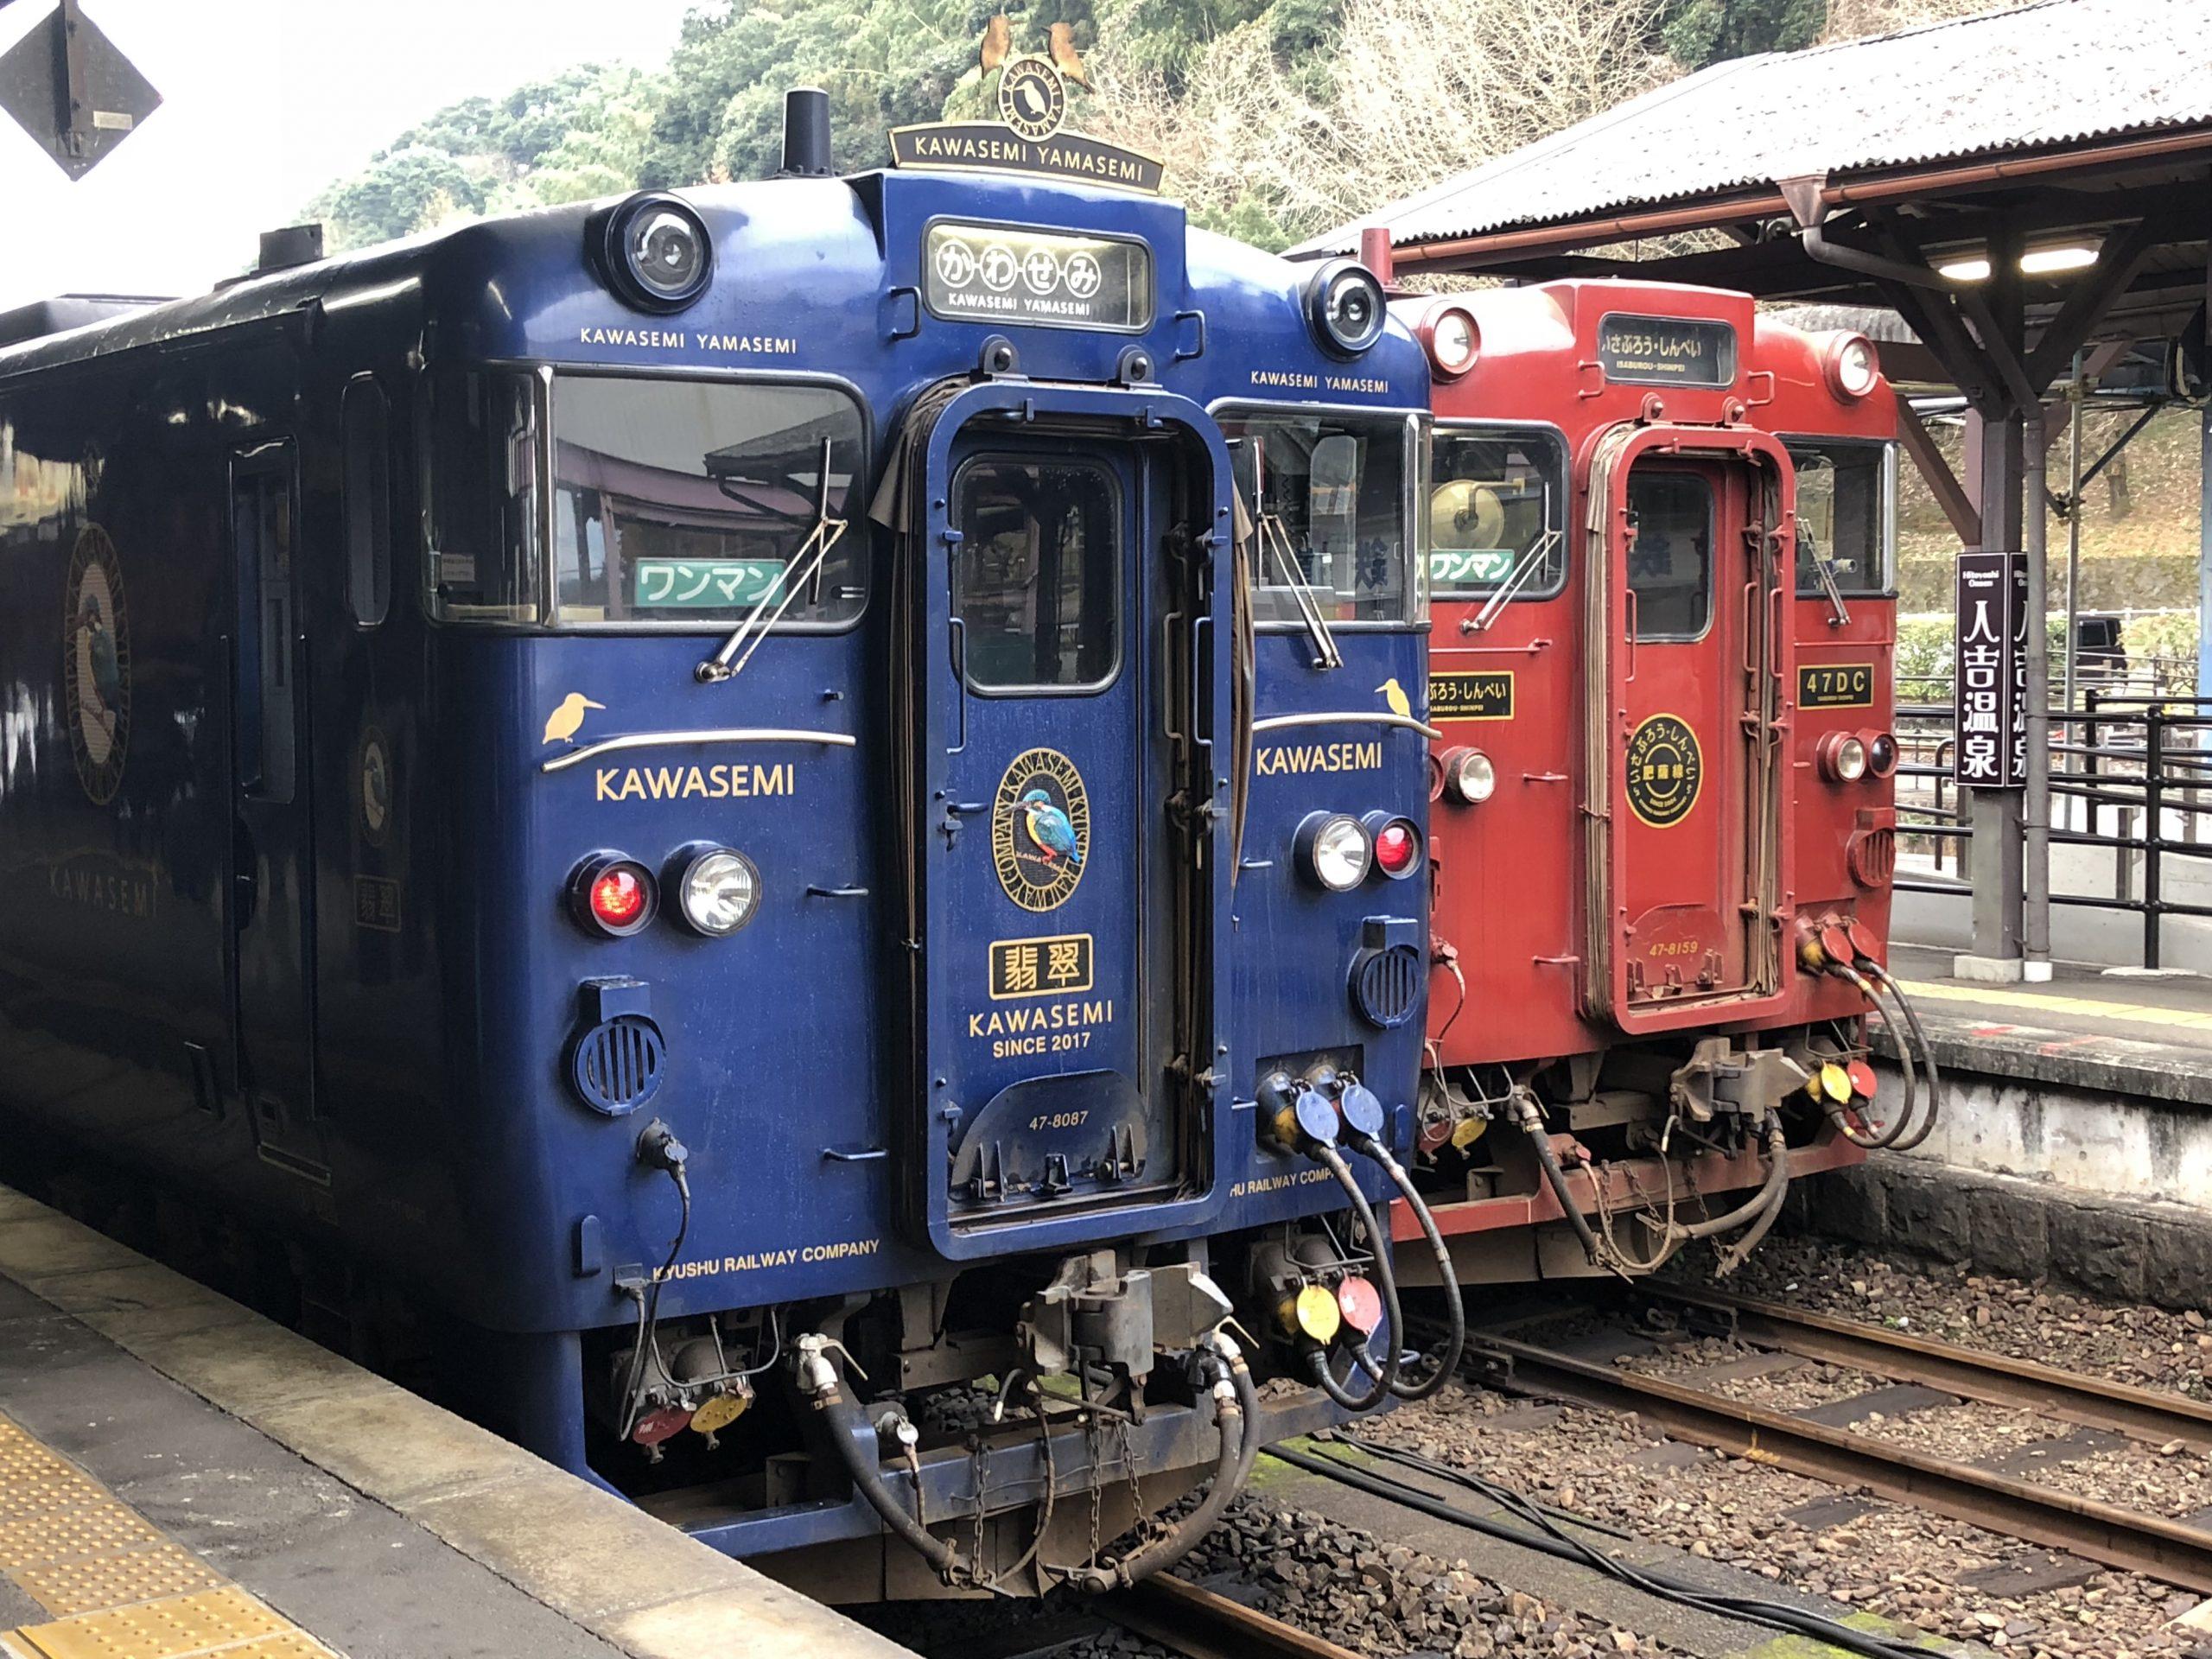 観光列車が並んだ様子